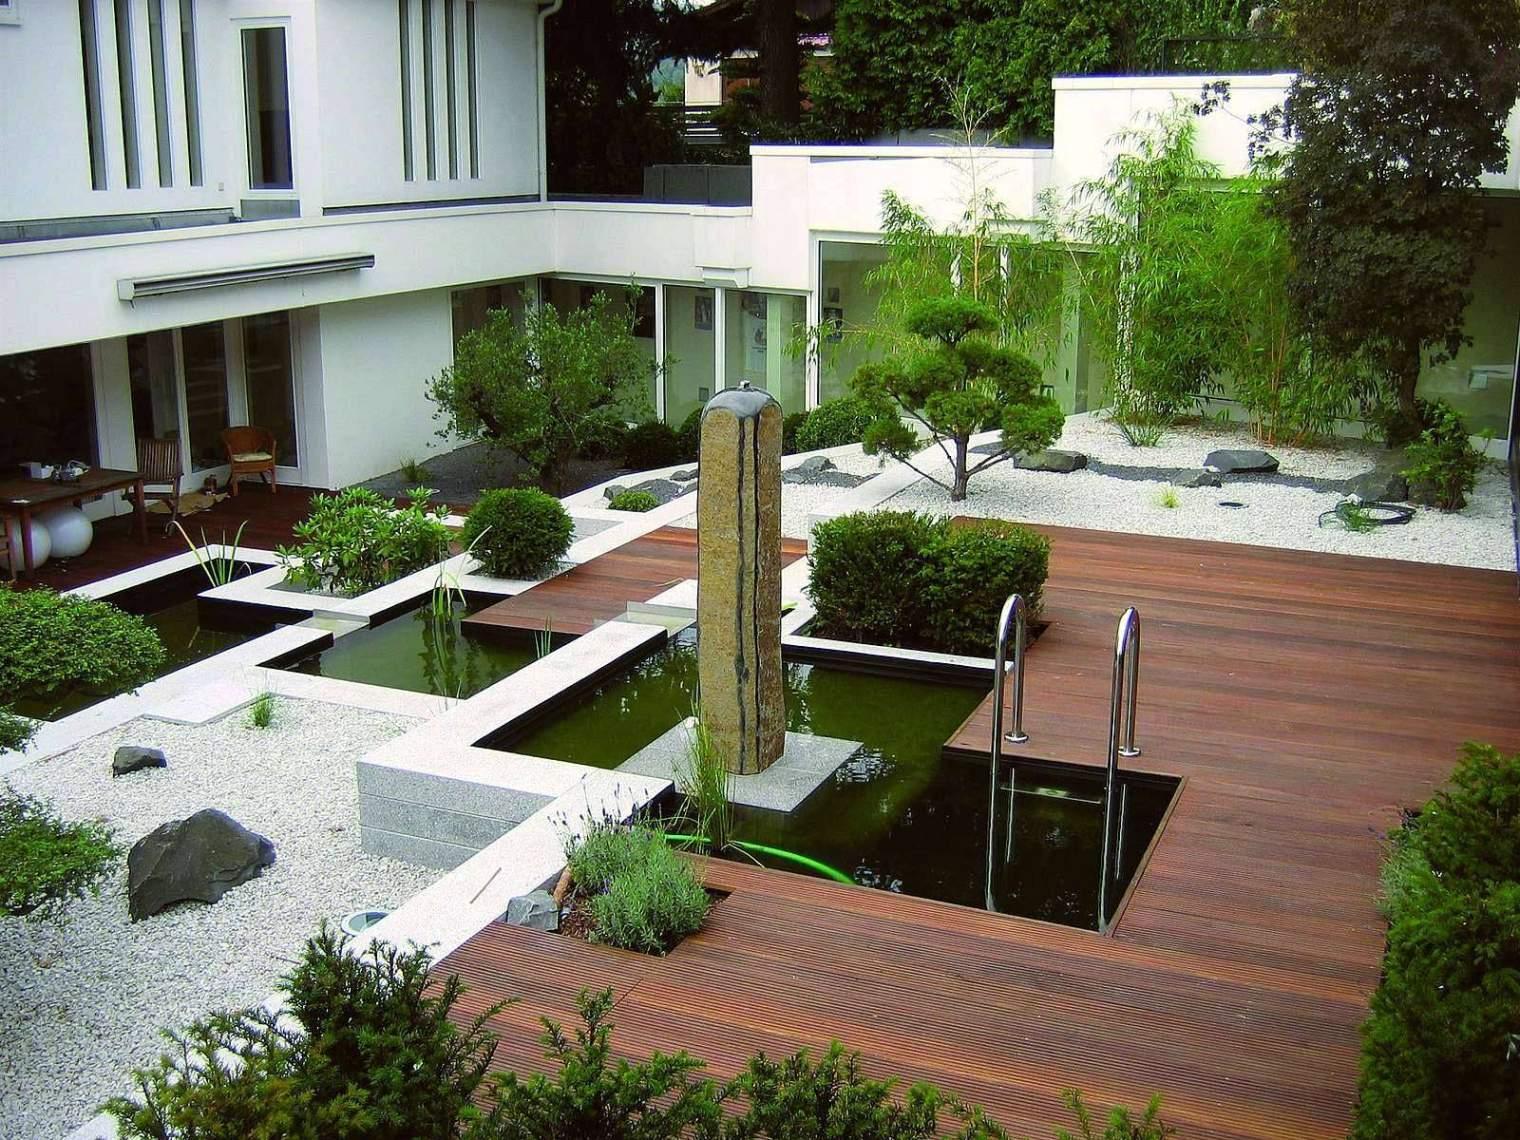 Idee Für Garten Schön 26 Neu Ideen Für Kleine Gärten Elegant